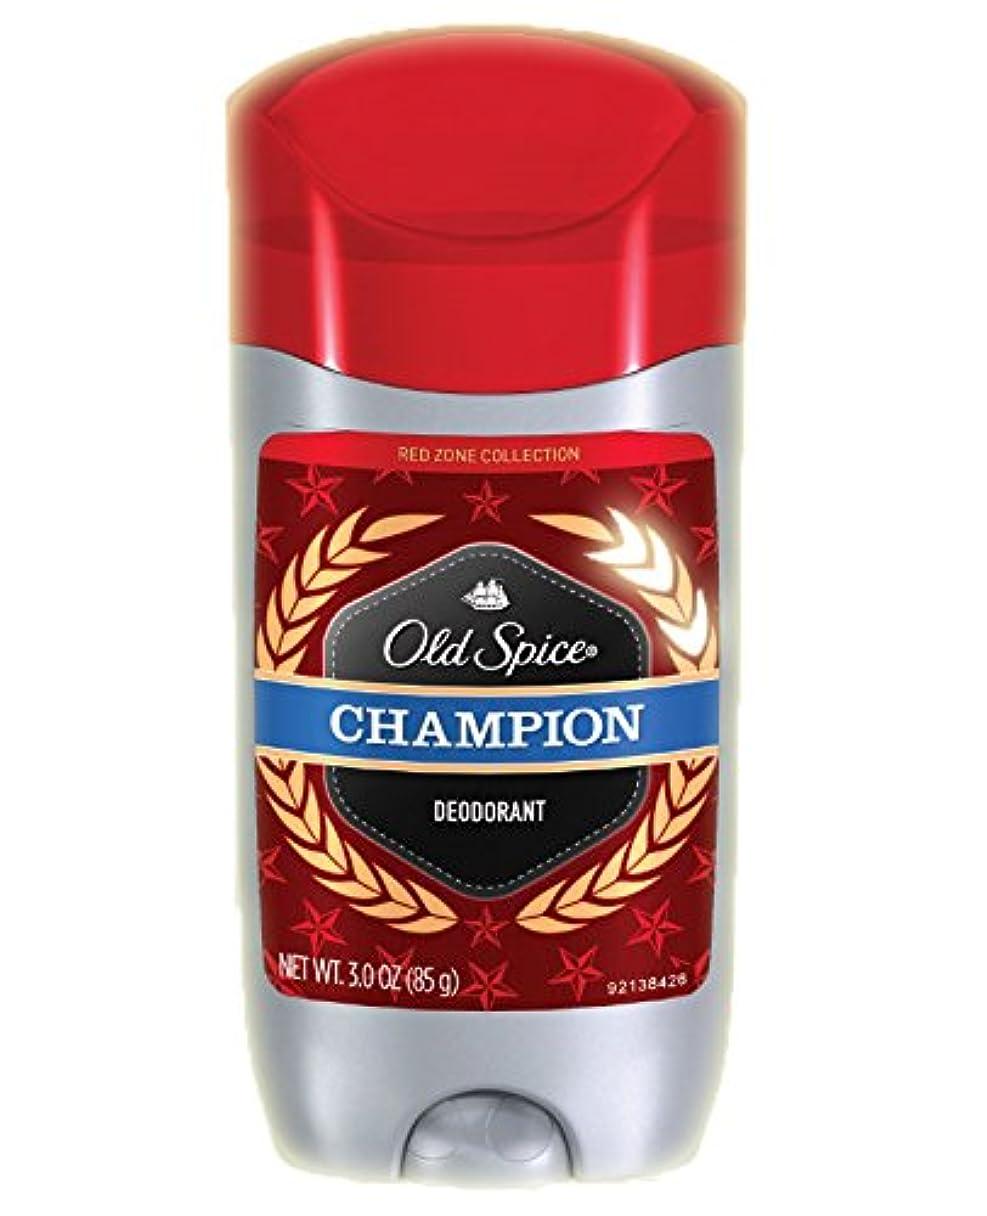 かもしれない拘束するバスOld Spice/オールドスパイス Red Zone レッドゾーン Deodorant 海外デオドラント Solid - 85g (国内出荷配送、平行輸入品) (チャンピオン)